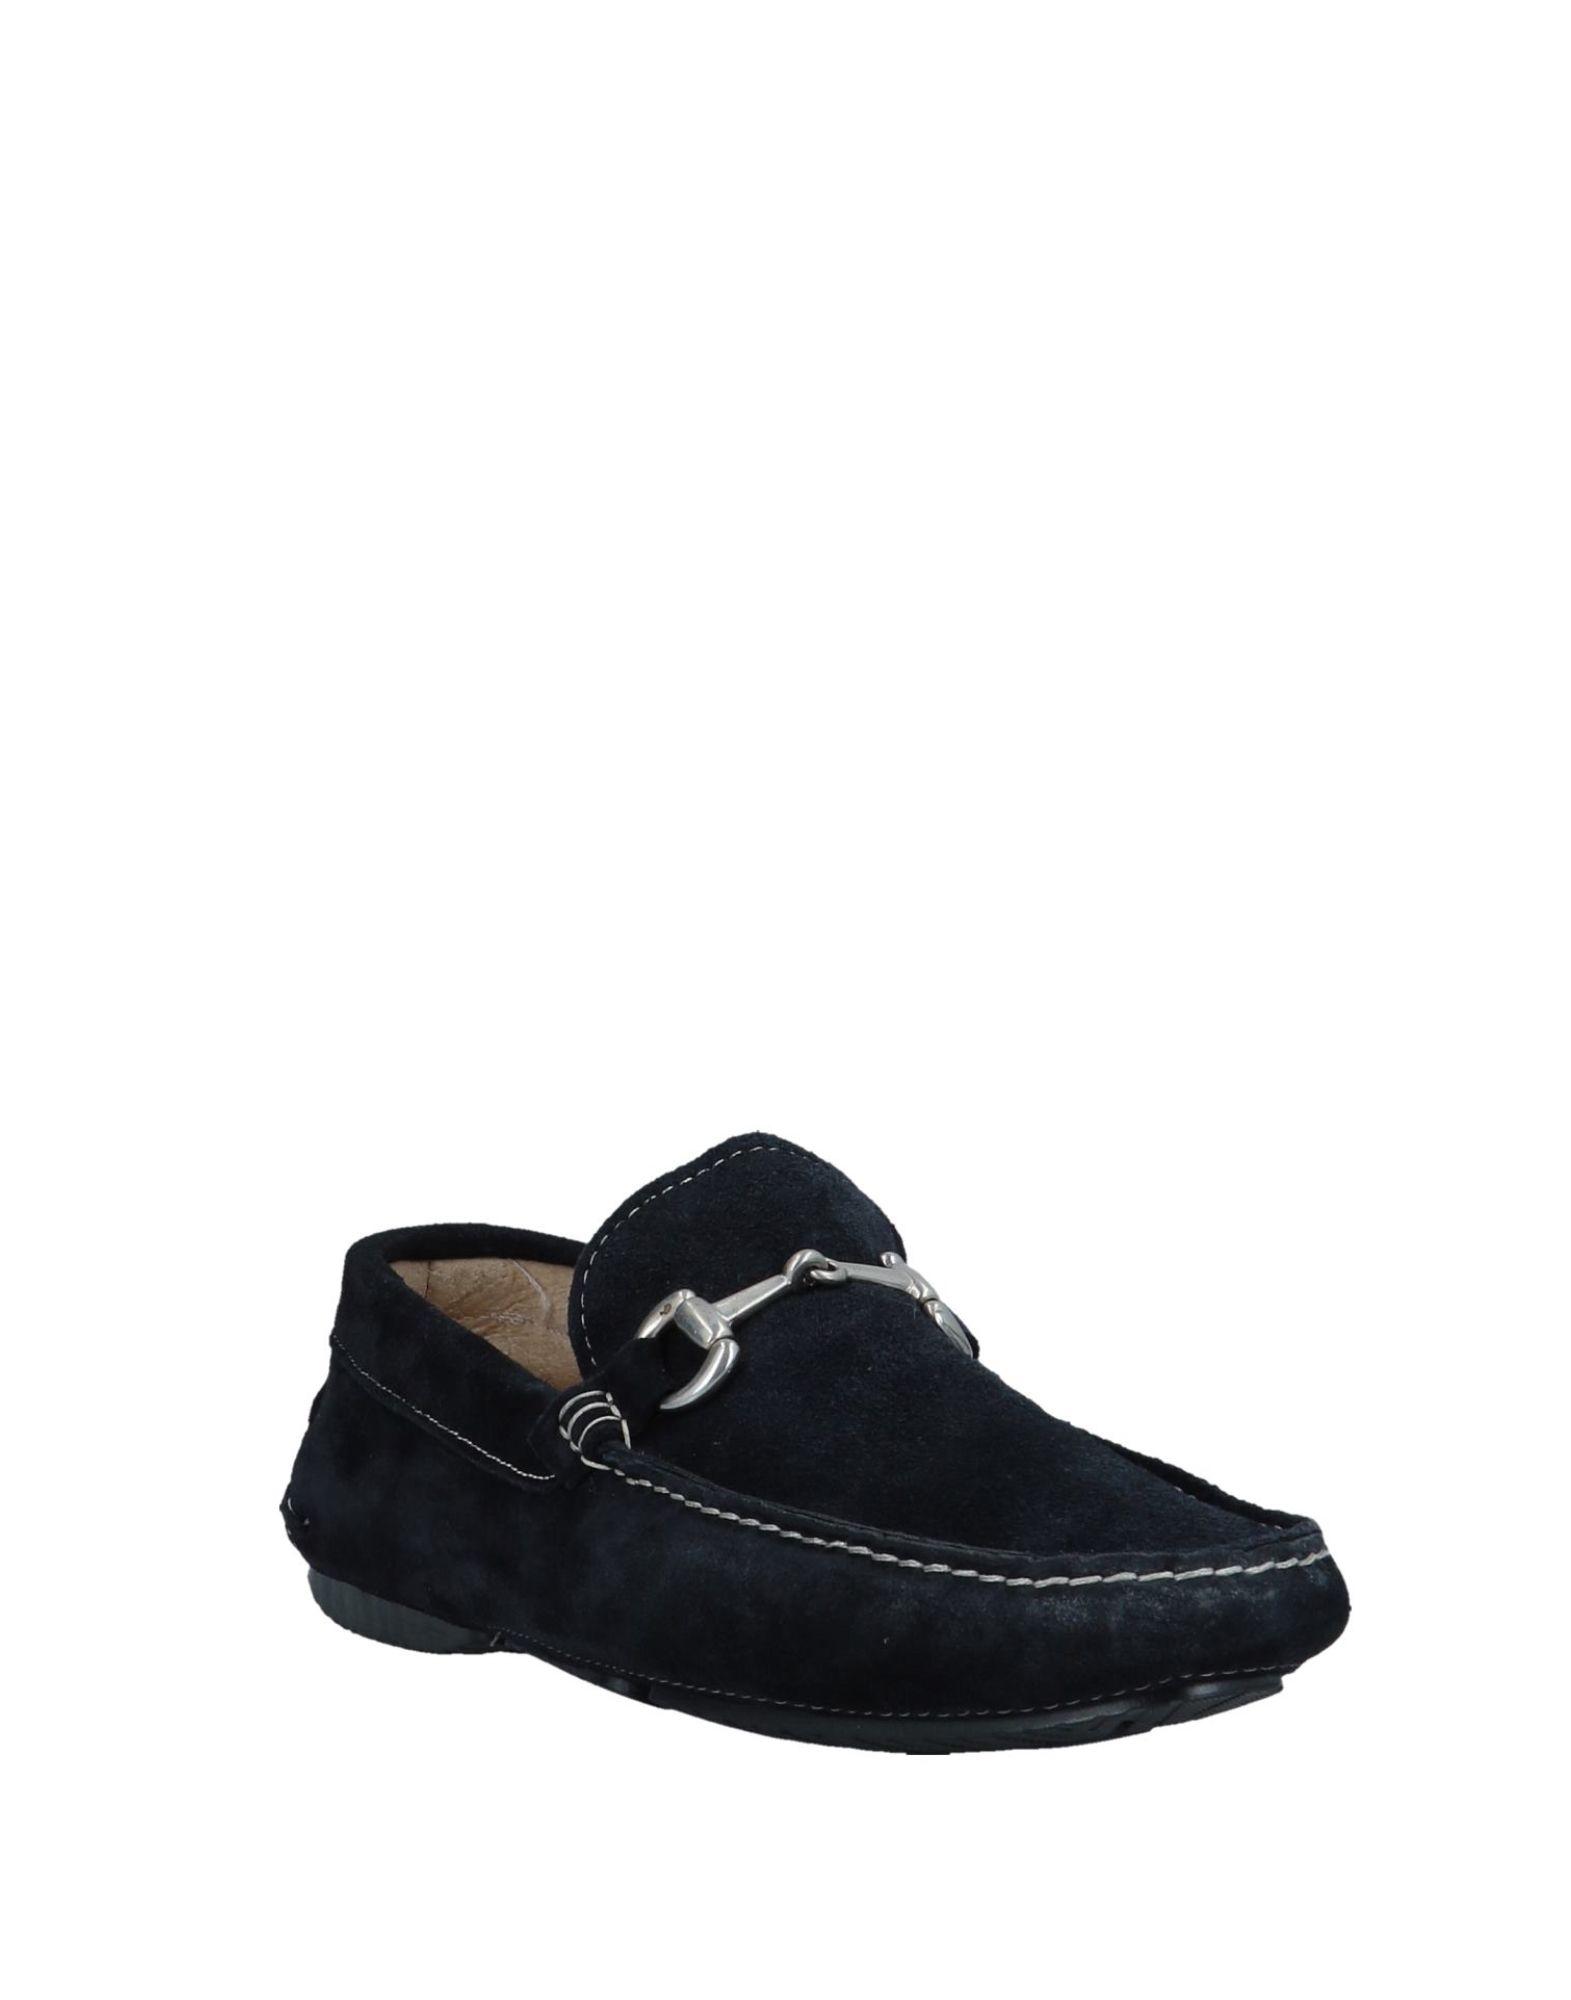 Rabatt Mokassins echte Schuhe Attrazione Uomo Mokassins Rabatt Herren  11550691QS 7fe0e6